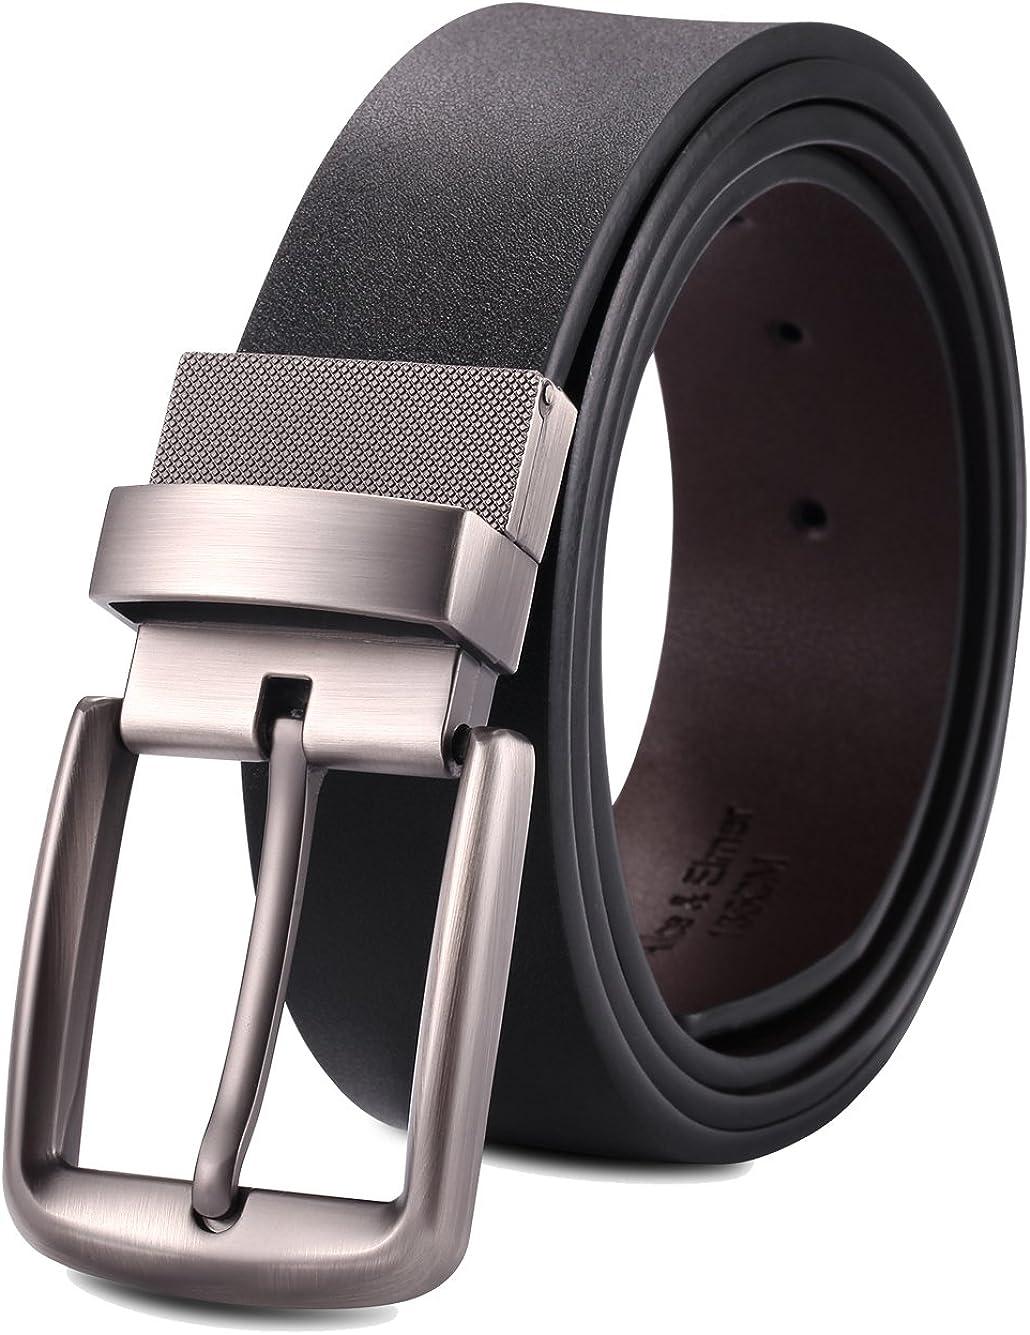 Alice & Elmer Cinturón Cinturones De Cuero Reversible Hebilla Giratoria para Hombres